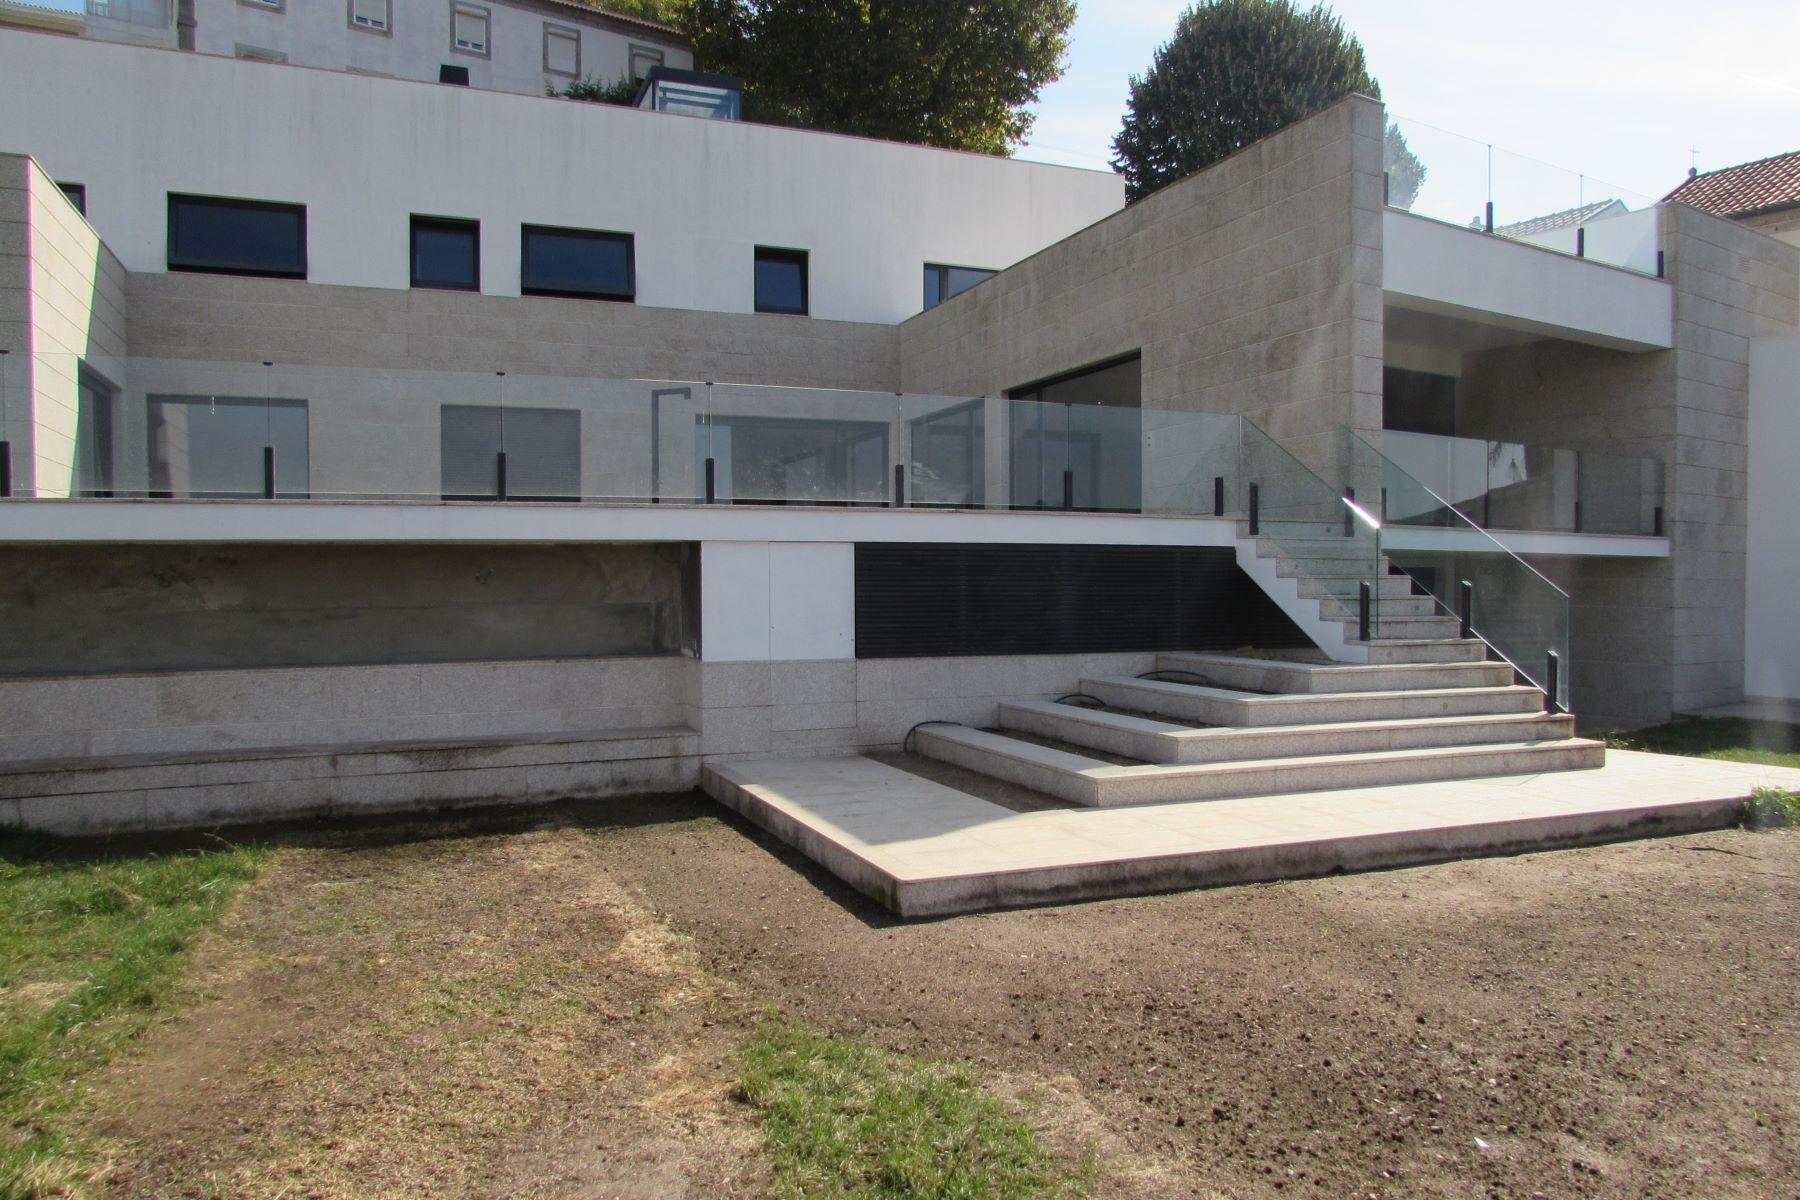 独户住宅 为 销售 在 House, 4 bedrooms, for Sale 波尔图, 波尔图, 葡萄牙